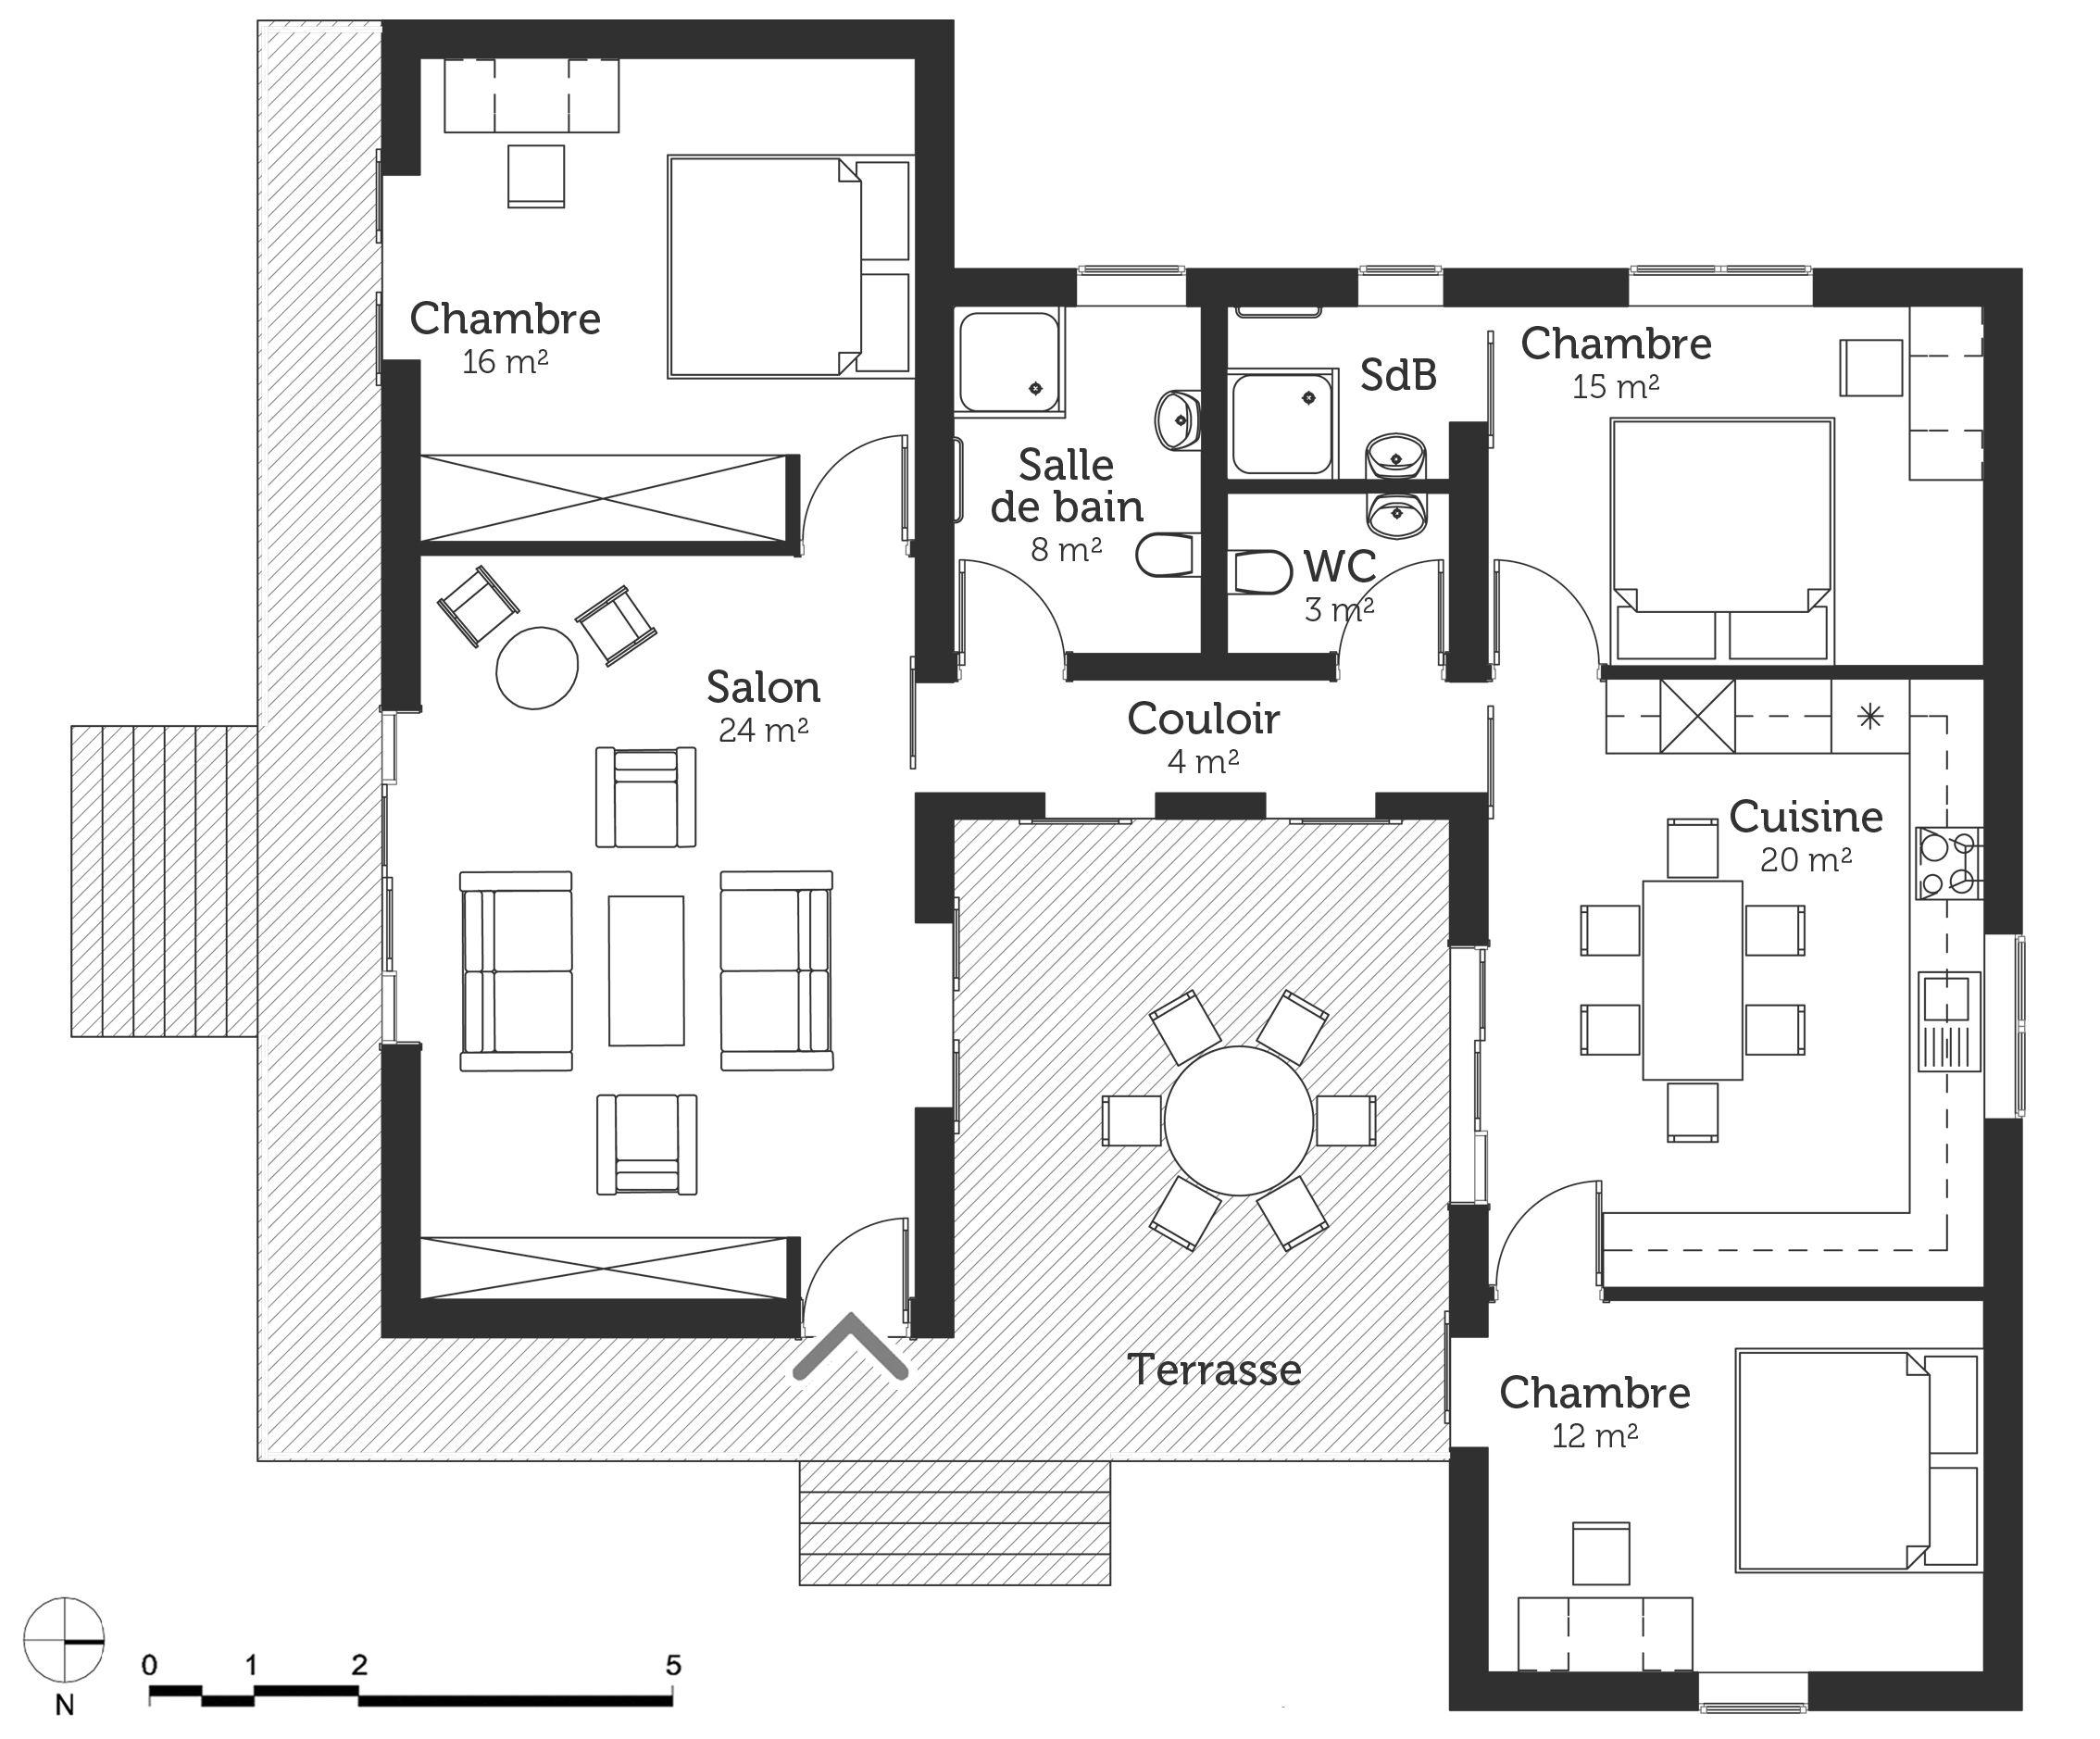 Résultat De Recherche D Images Pour Plan Maison Cube Toit